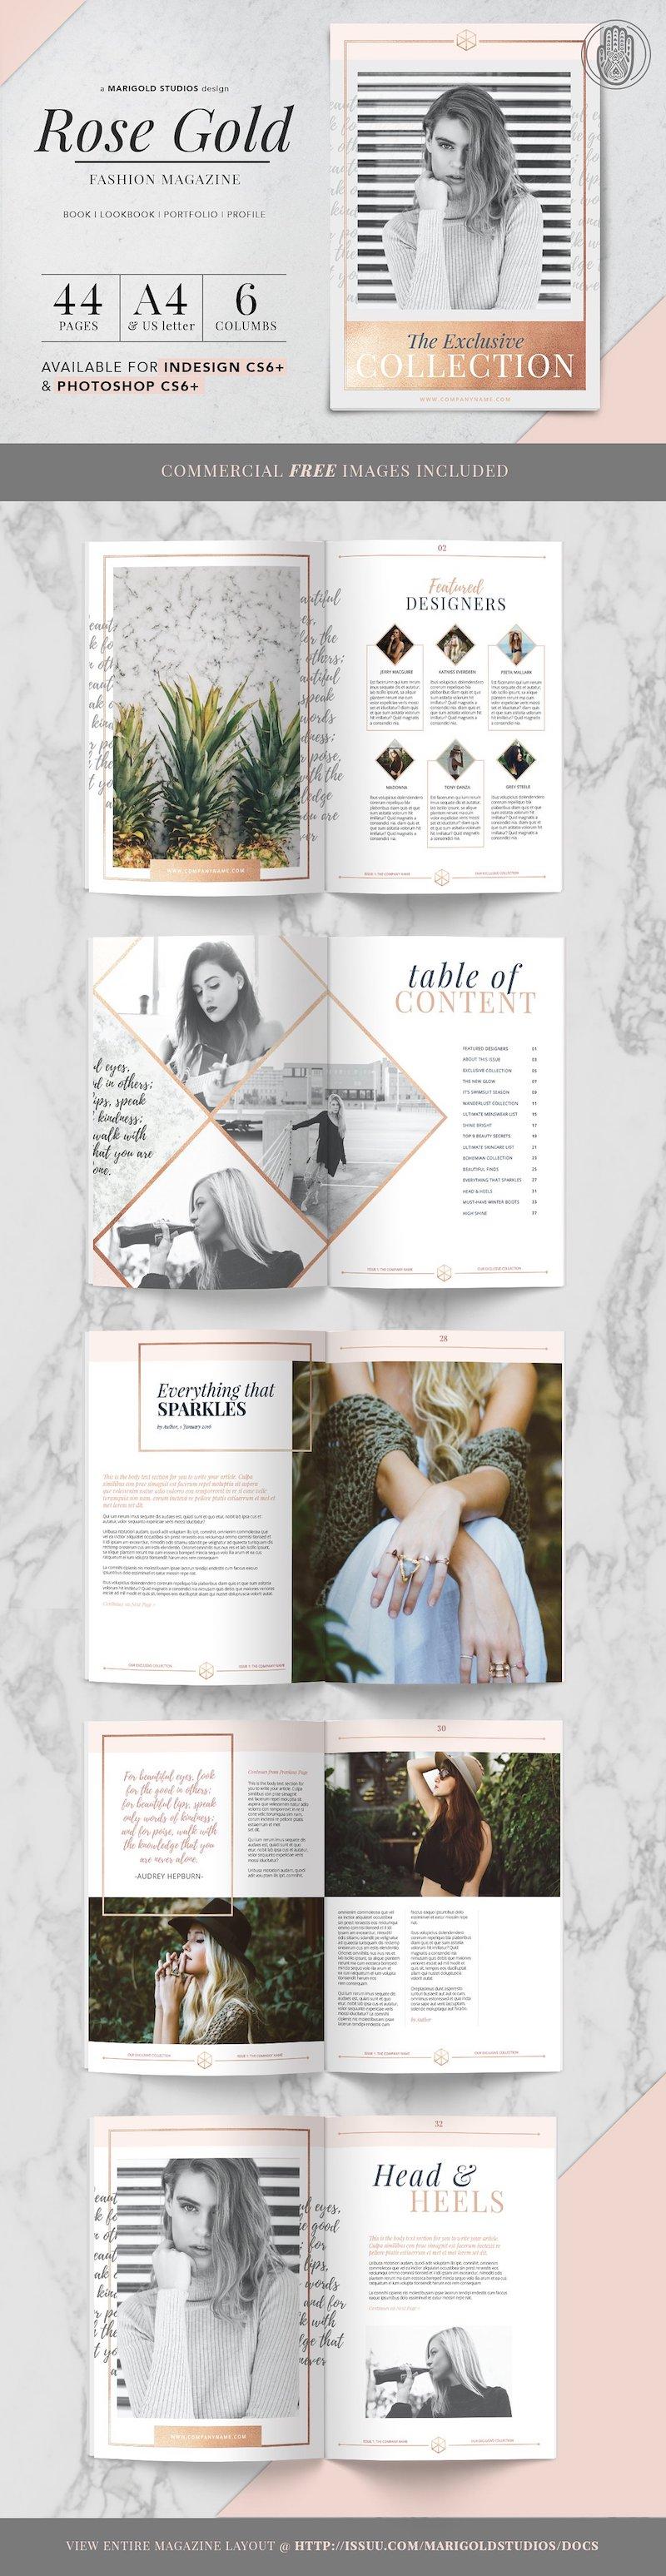 Stijlvol tijdschrift thema Rose Gold. Bekijk de hele pagina met Tijdschrift thema's op een rij.